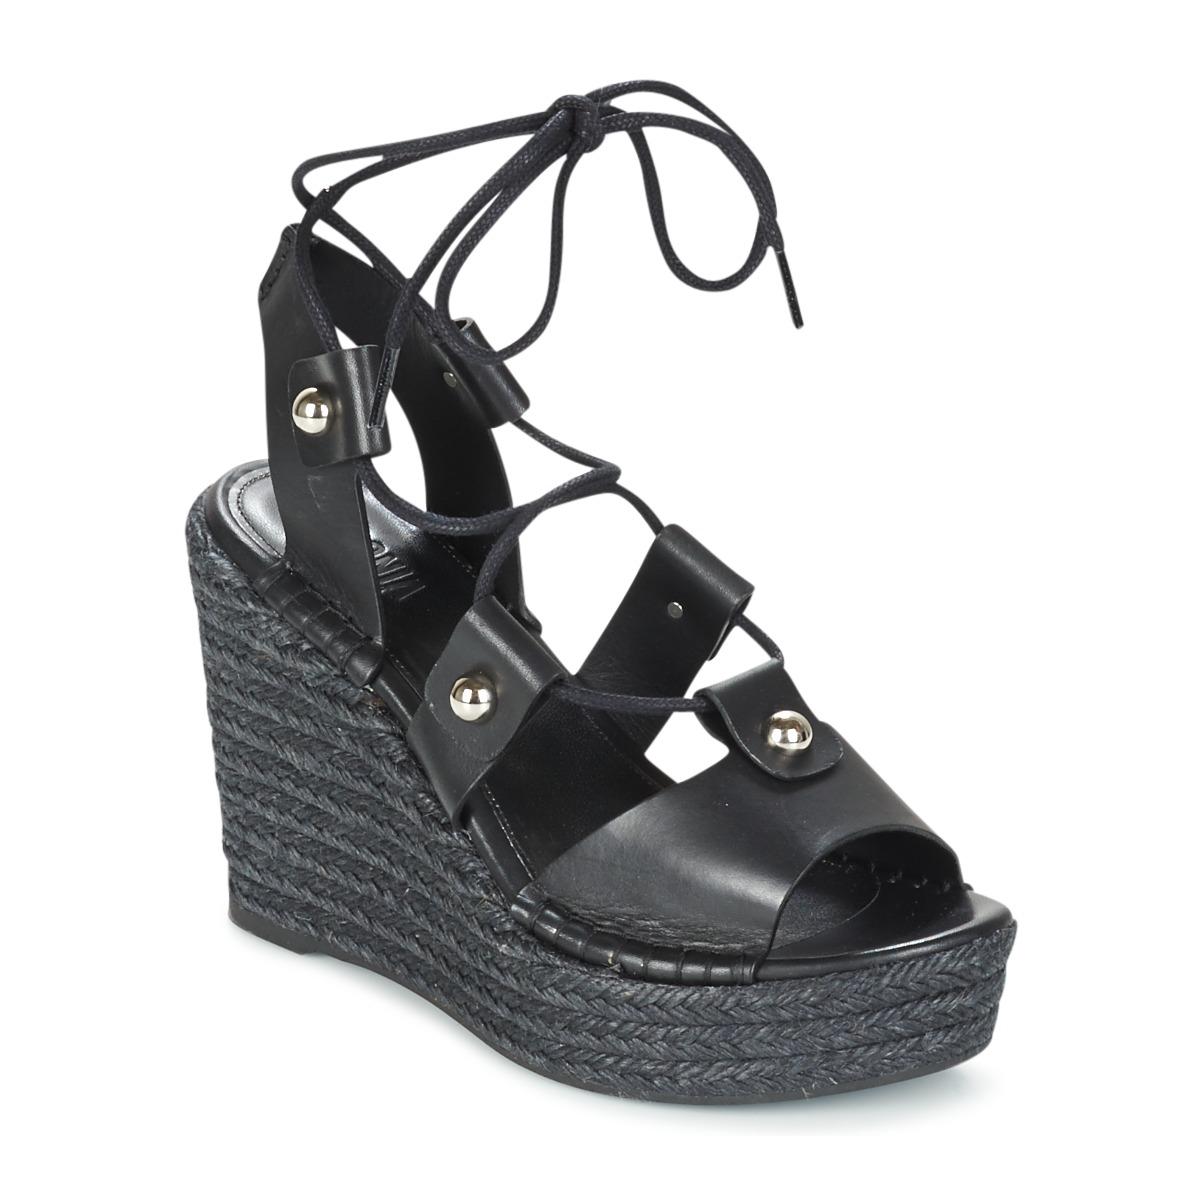 Sonia Rykiel 622908 Schwarz - Kostenloser Versand bei Spartoode ! - Schuhe Sandalen / Sandaletten Damen 144,50 €